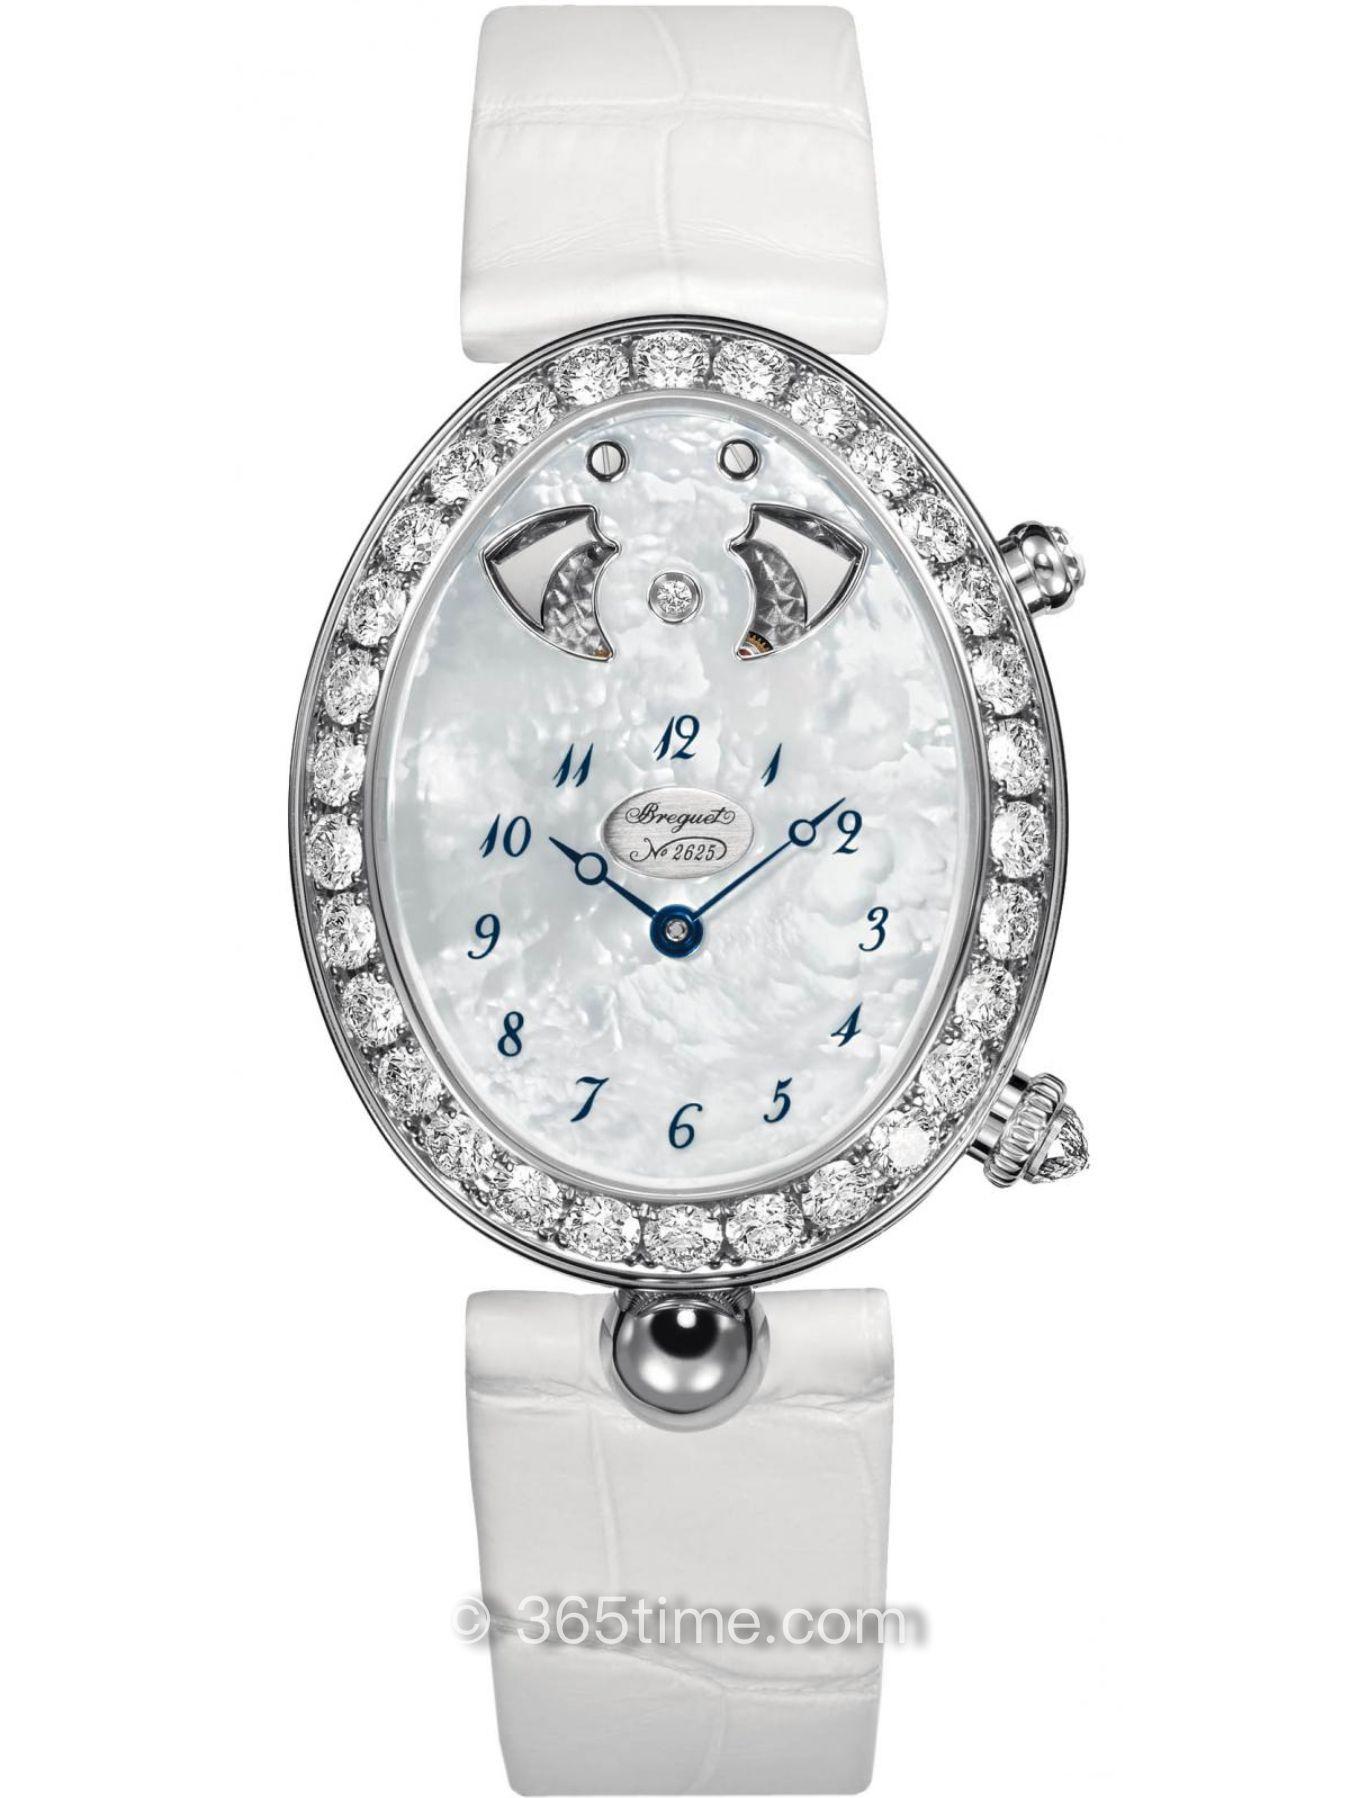 宝玑那不勒斯皇后系列8978BB/58/974 D00D腕表